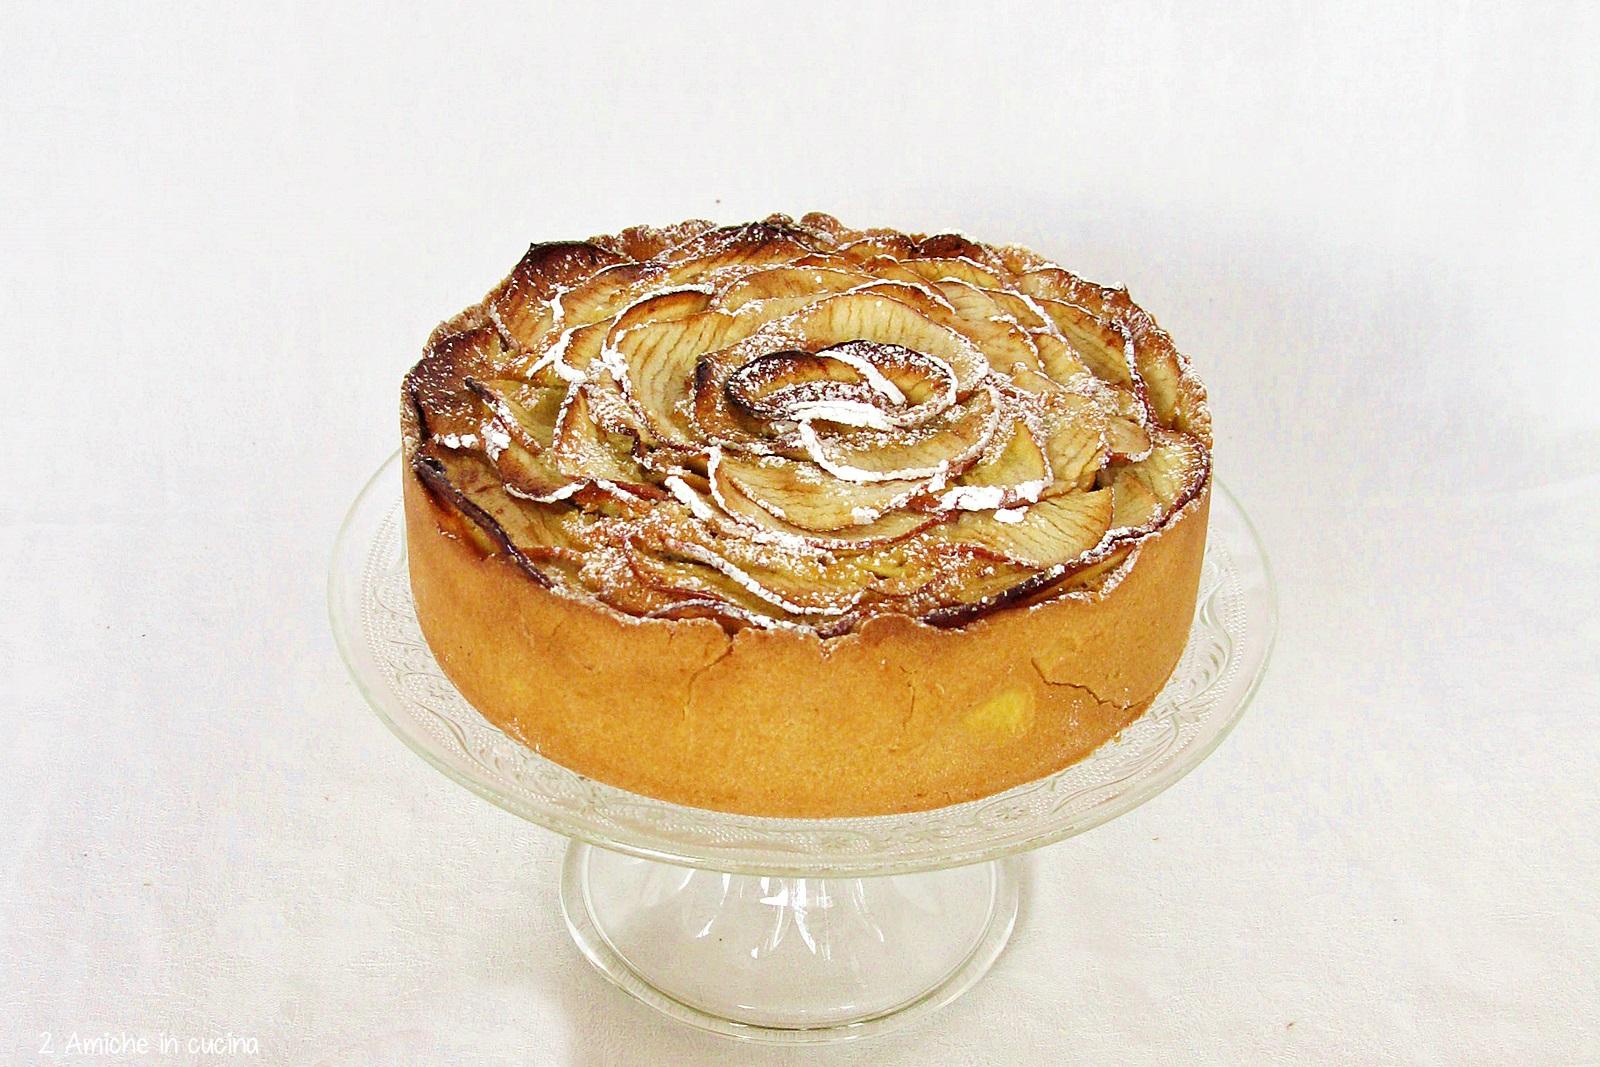 Torta di mele con crema al marsala, uvetta e noci